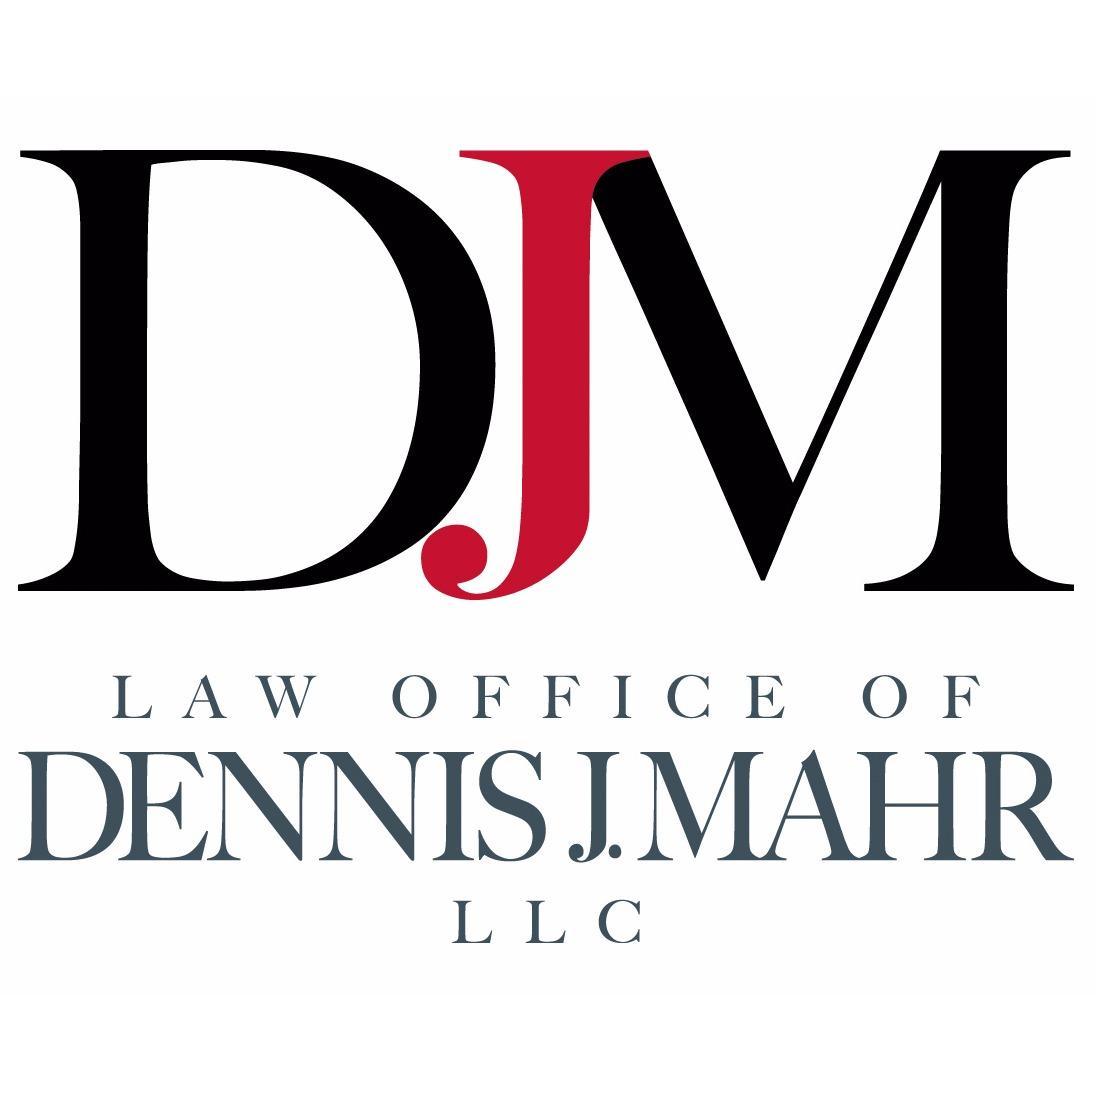 Dennis J Mahr - Mahr Dennis J - Sioux City, IA 51101 - (800) 621-0783 | ShowMeLocal.com